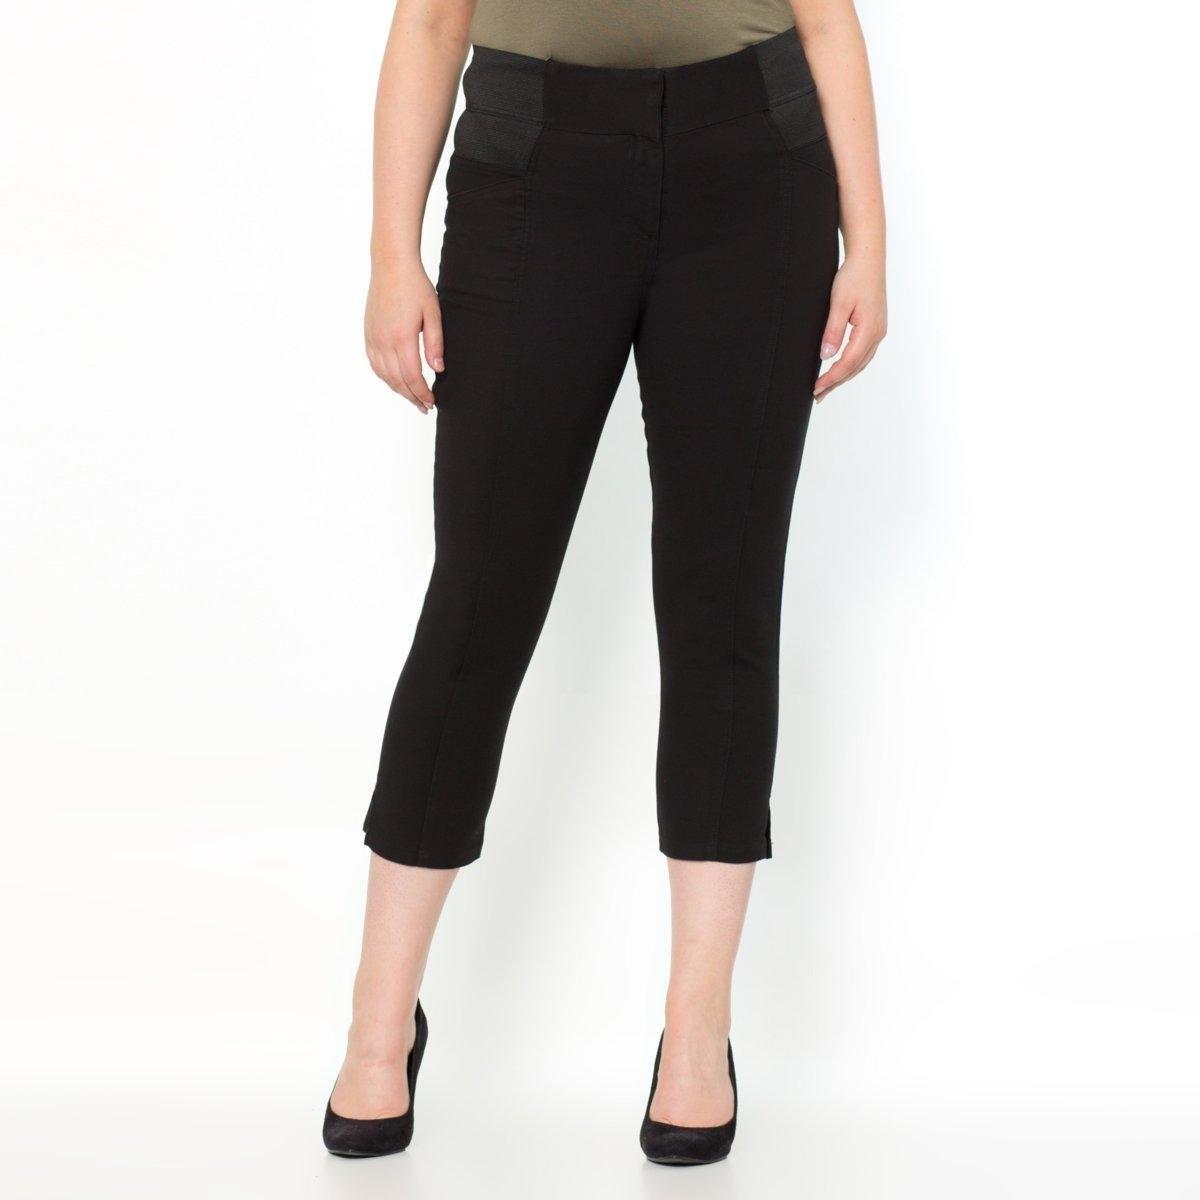 Брюки укороченныеТовар из коллекции больших размеров. Приятный материал, комфортный пояс… брюки, совершенствующие ваш силуэт! Еще более облегающий, комфортный и тянущийся материал, 97% хлопка и 3% эластана. Брюки не мнутся и прекрасно сидят. Высокий ультракомфортный пояс с 2 большими эластичными вставками по бокам моделирует силуэт и обеспечивает прекрасную посадку брюк. Застежка на молнию и крючок. Карманы спереди. Хитрость: швы спереди стройнят ноги! Длина по внутр.шву 60 см, ширина по низу 17 см. См.таблицу размеров Taillissime.<br><br>Цвет: синий морской,черный<br>Размер: 46 (FR) - 52 (RUS).48 (FR) - 54 (RUS).52 (FR) - 58 (RUS).44 (FR) - 50 (RUS).56 (FR) - 62 (RUS).54 (FR) - 60 (RUS).62 (FR) - 68 (RUS).46 (FR) - 52 (RUS).48 (FR) - 54 (RUS).50 (FR) - 56 (RUS).44 (FR) - 50 (RUS).58 (FR) - 64 (RUS).56 (FR) - 62 (RUS).60 (FR) - 66 (RUS)